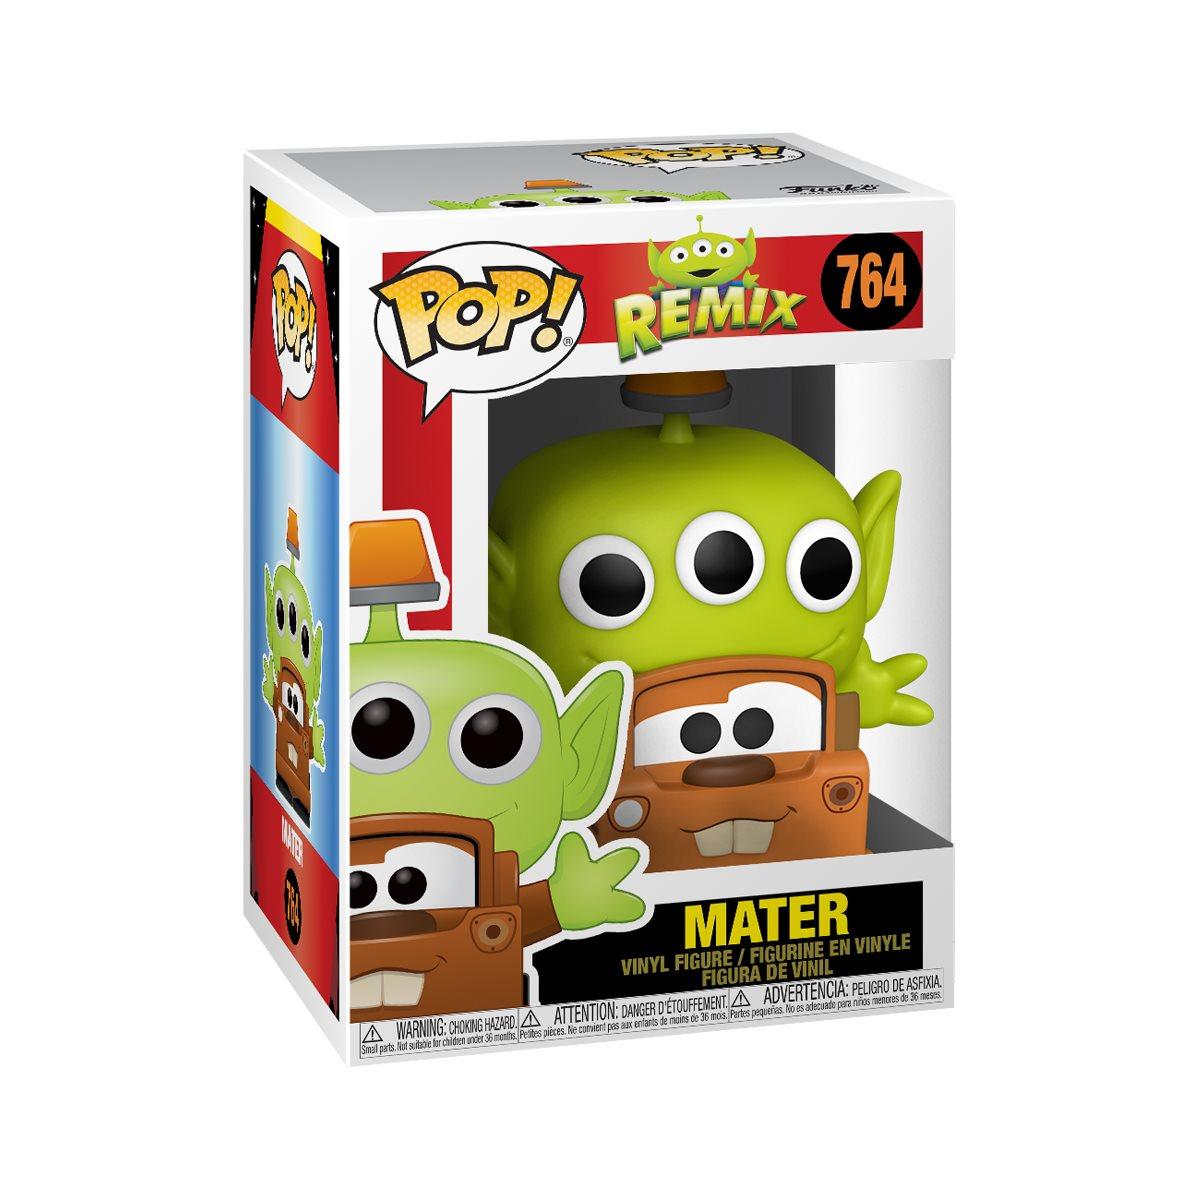 Funko Pop! Disney: Pixar Alien Remix - Alien as Mater #764 - Funko